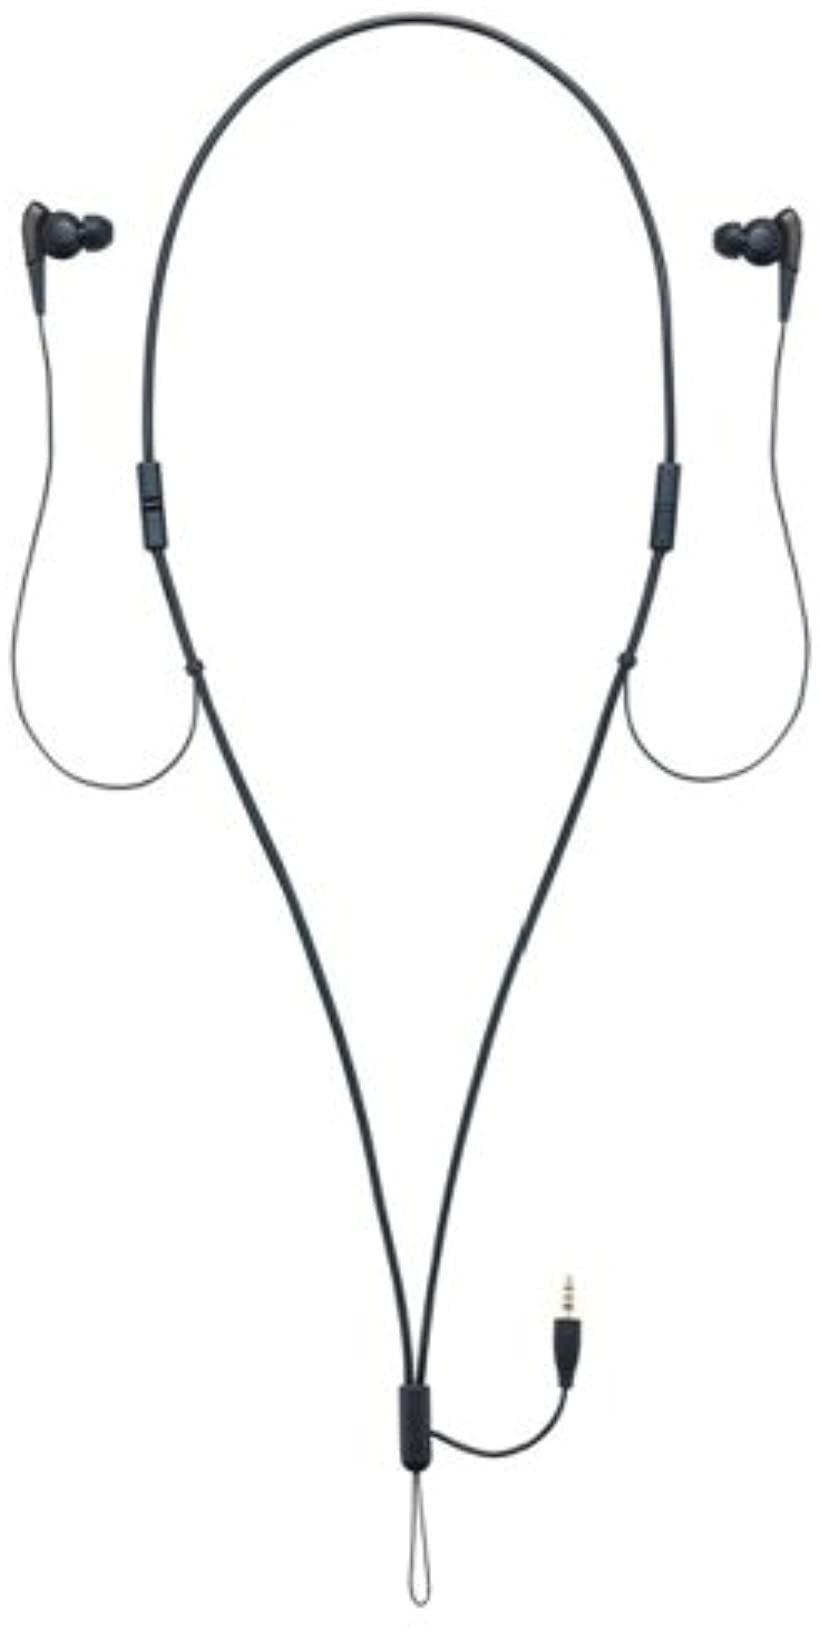 カナル型イヤホン ネックストラップ式 ノイズキャンセリング搭載ウォークマン専用(ブラック)